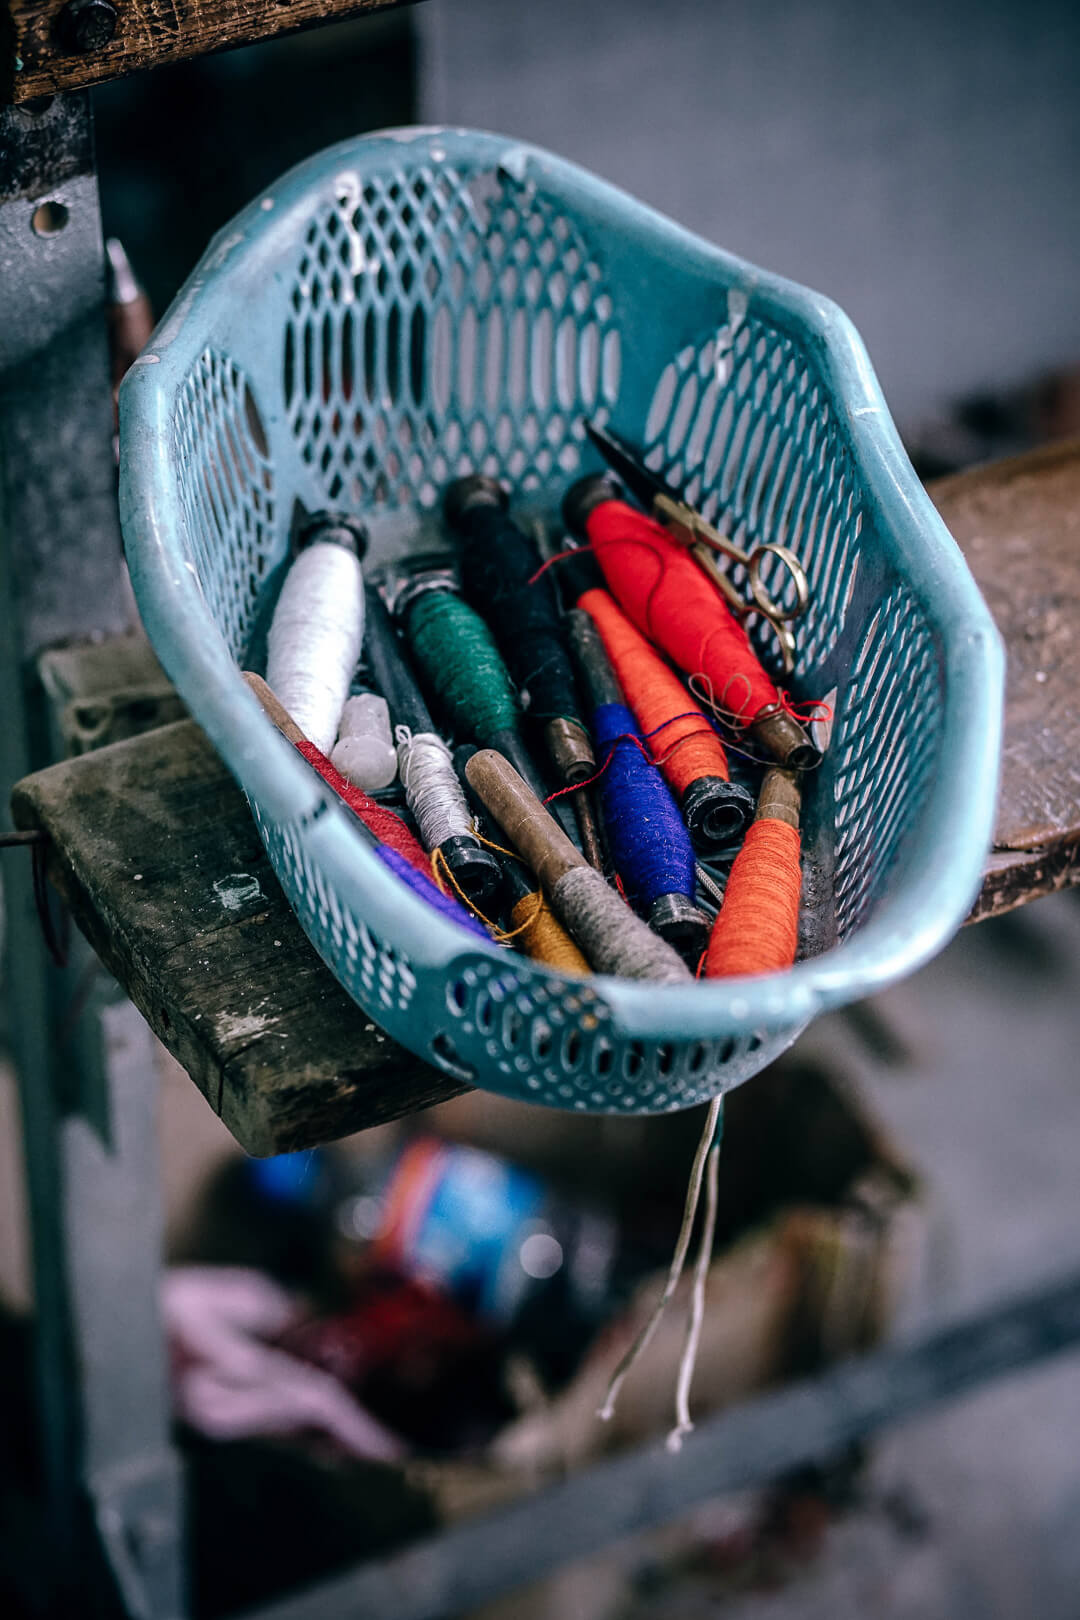 fashion revolution, who made my clothes?, kleiderrevolution, wer macht meine kleidung, faire mode, fair fashion, mehr fair fashion, faire mode kaufen, warum fair fashion, reden über fair fashion